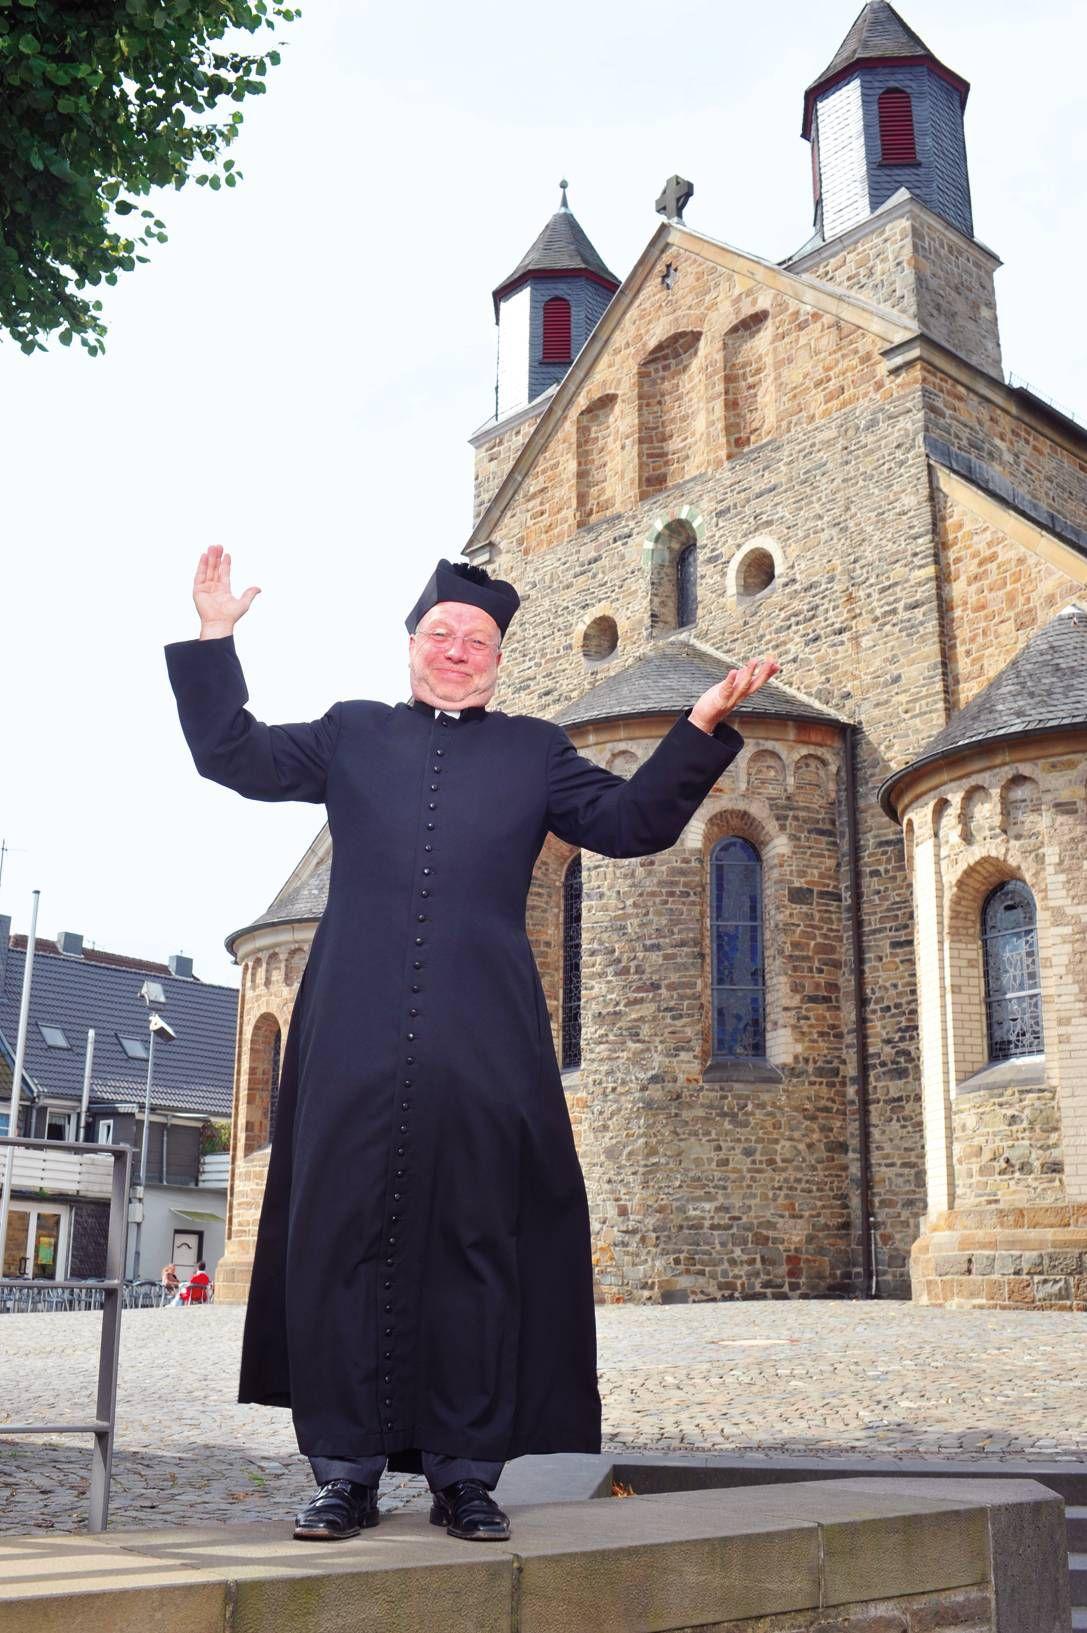 Die Kirche hat für Willibert Pauels viel mit Humor zu tun. Humor und Religion seien Freiheit.